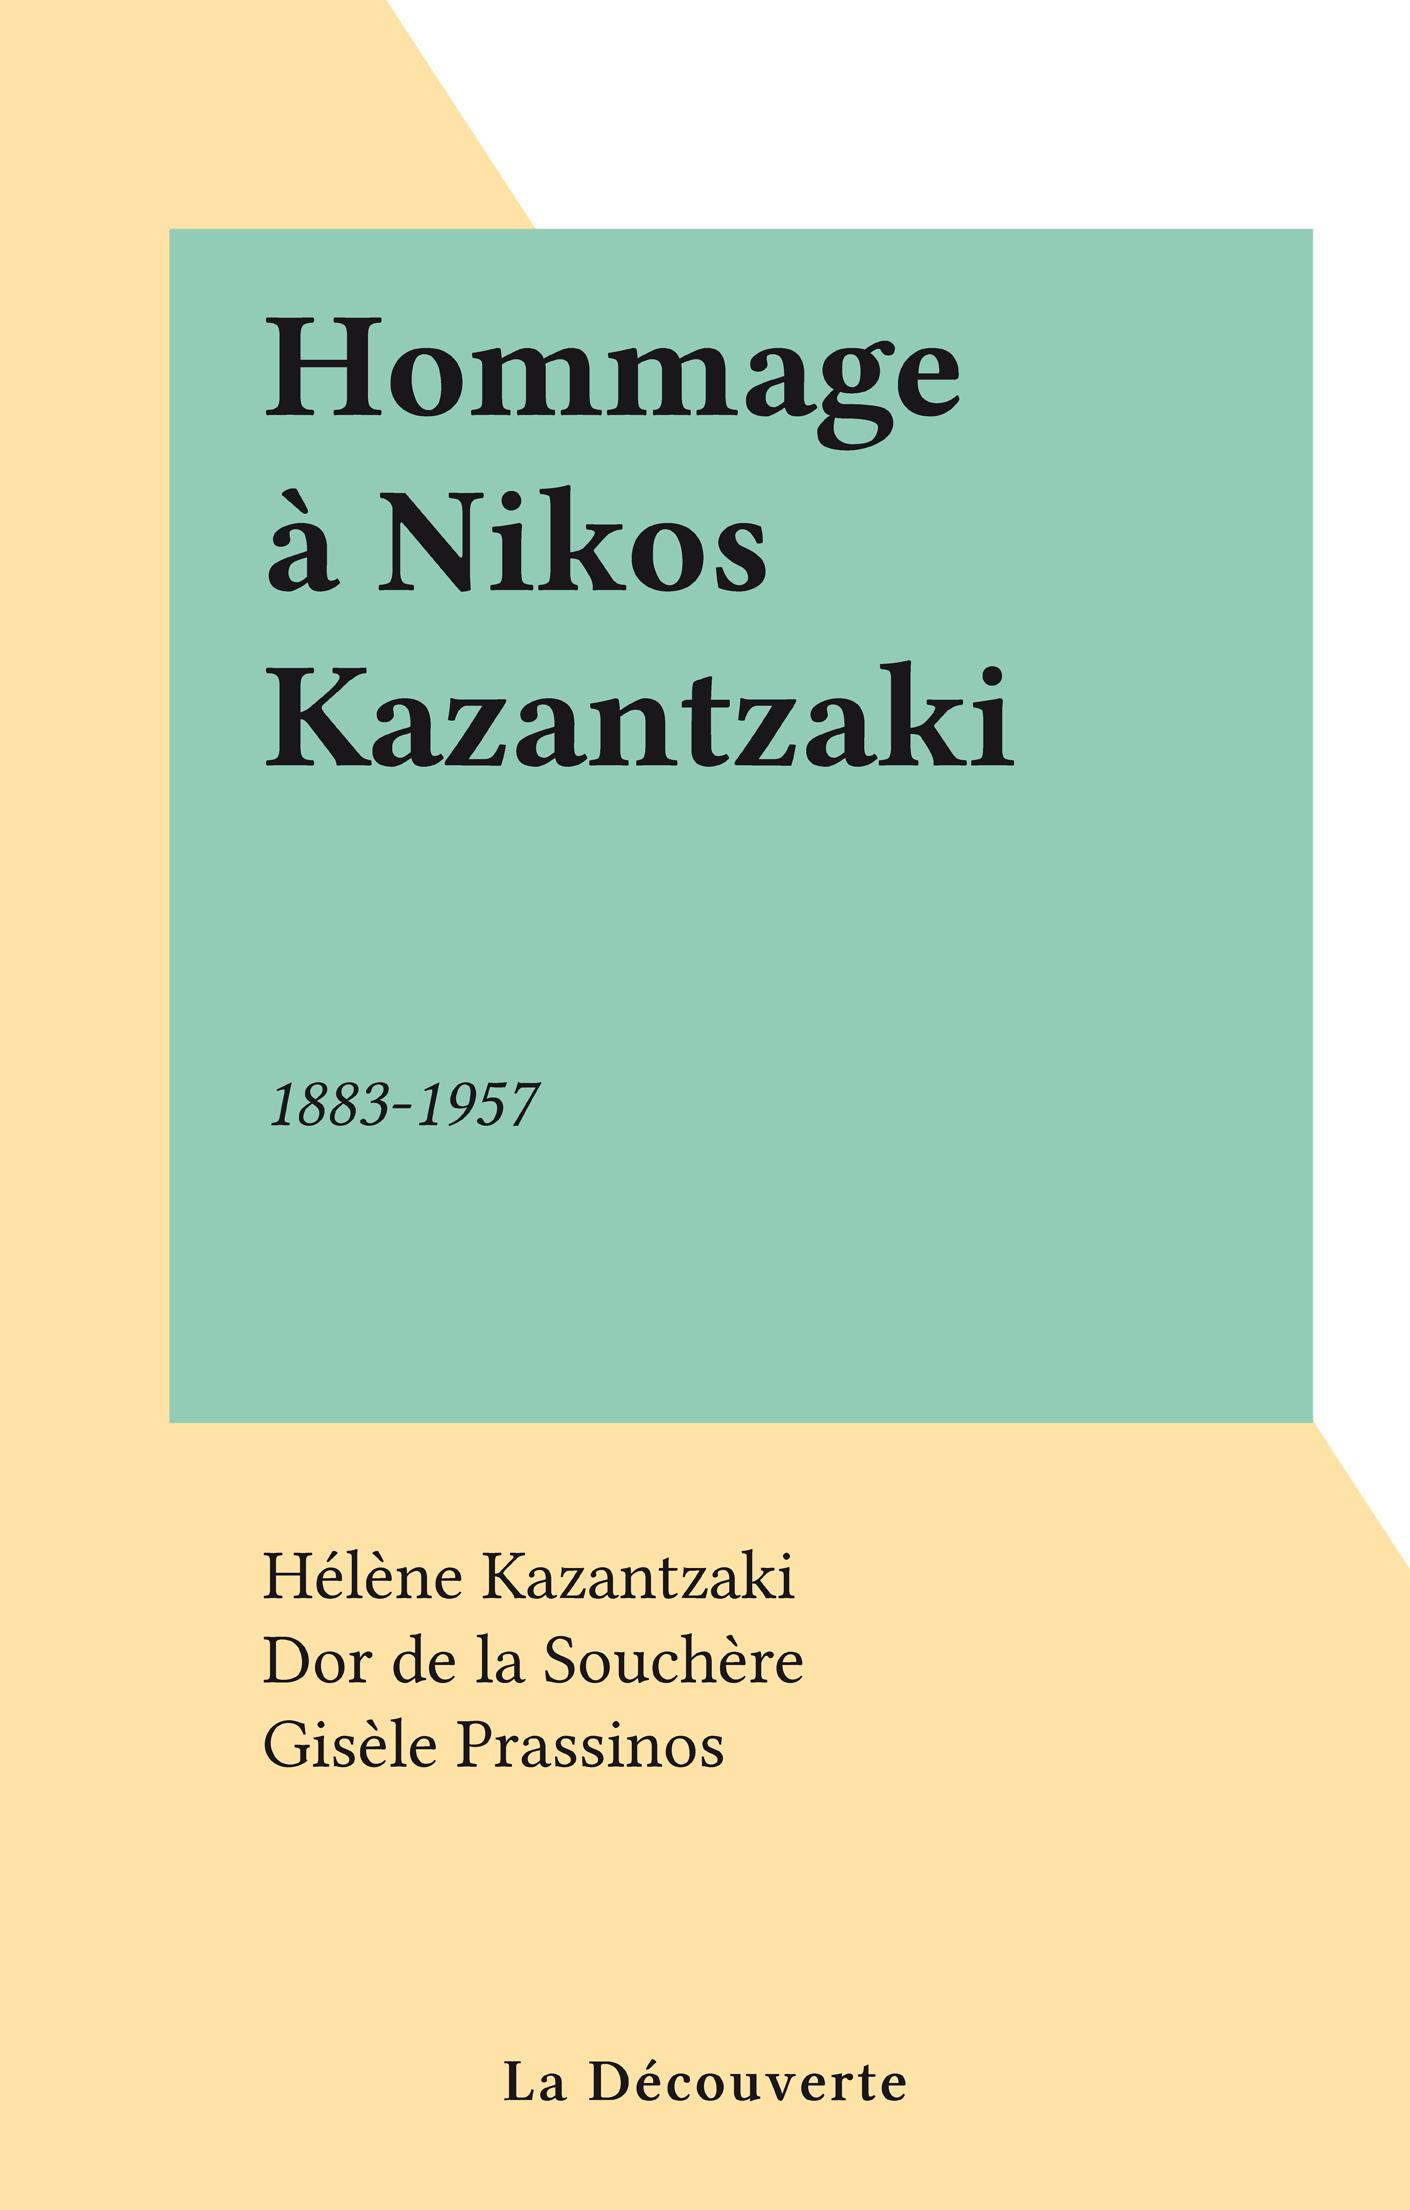 Hommage à Nikos Kazantzaki, 1883-1957